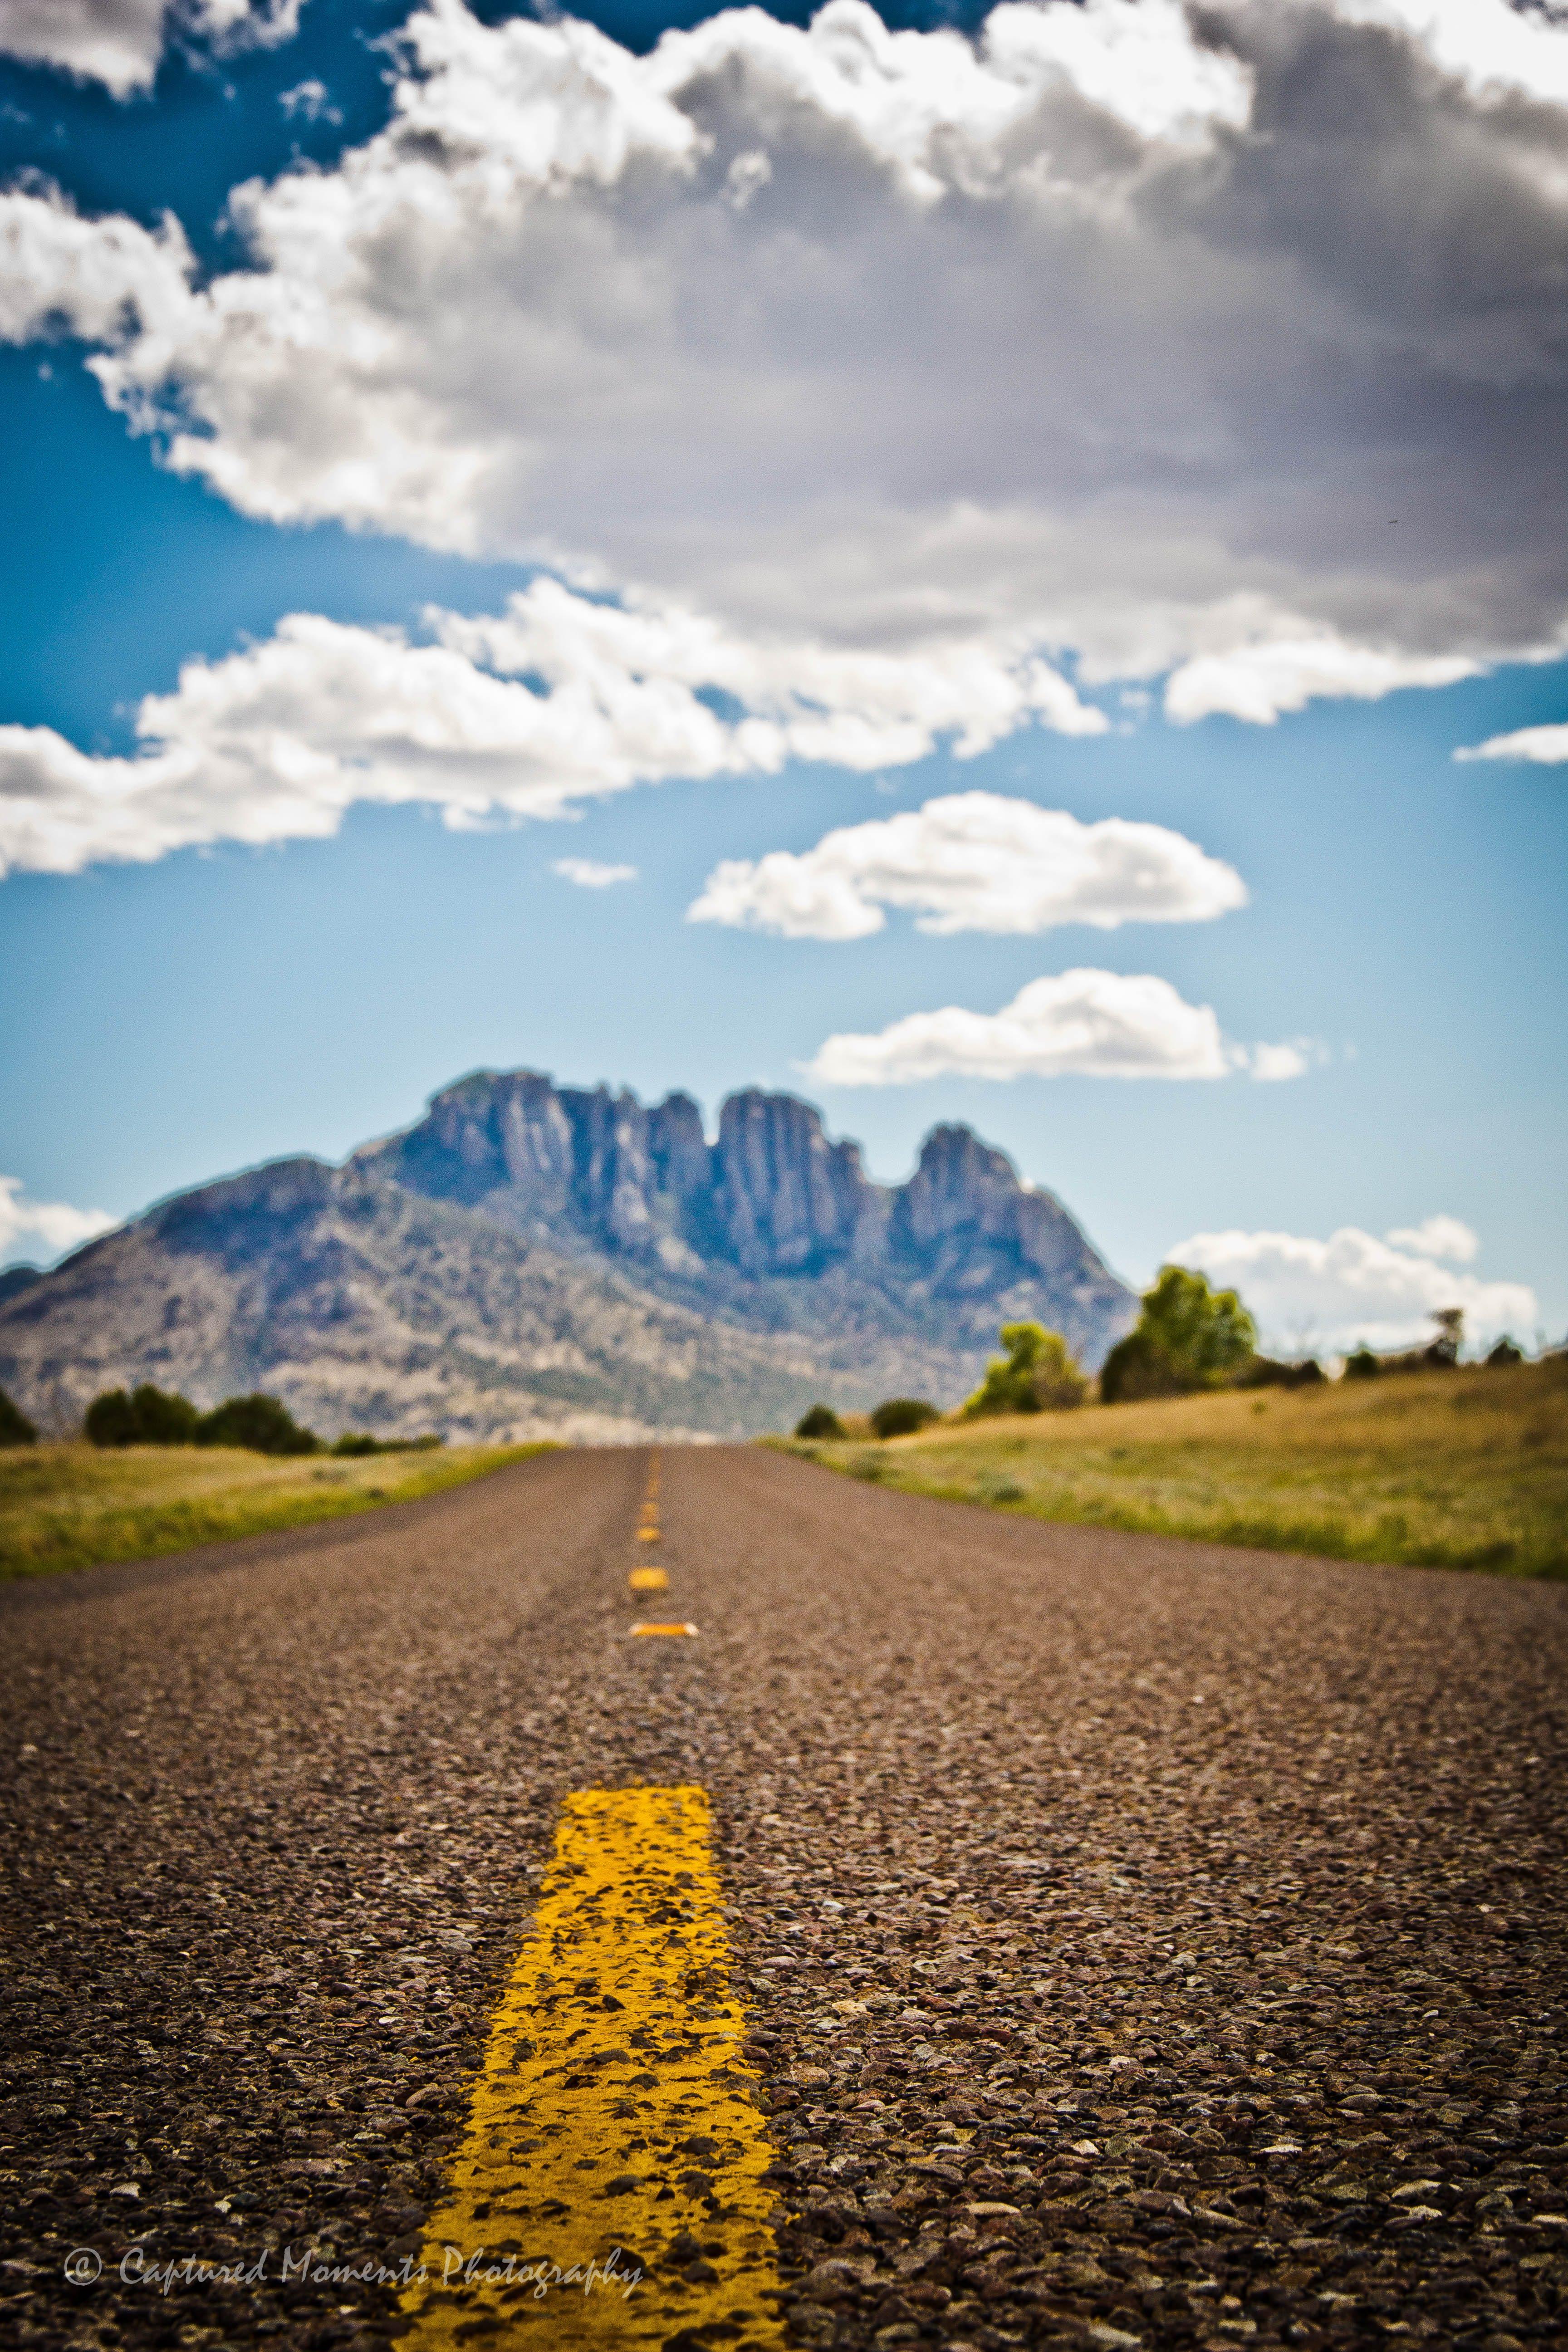 جنون التصوير : لا تستلقي في الطريق